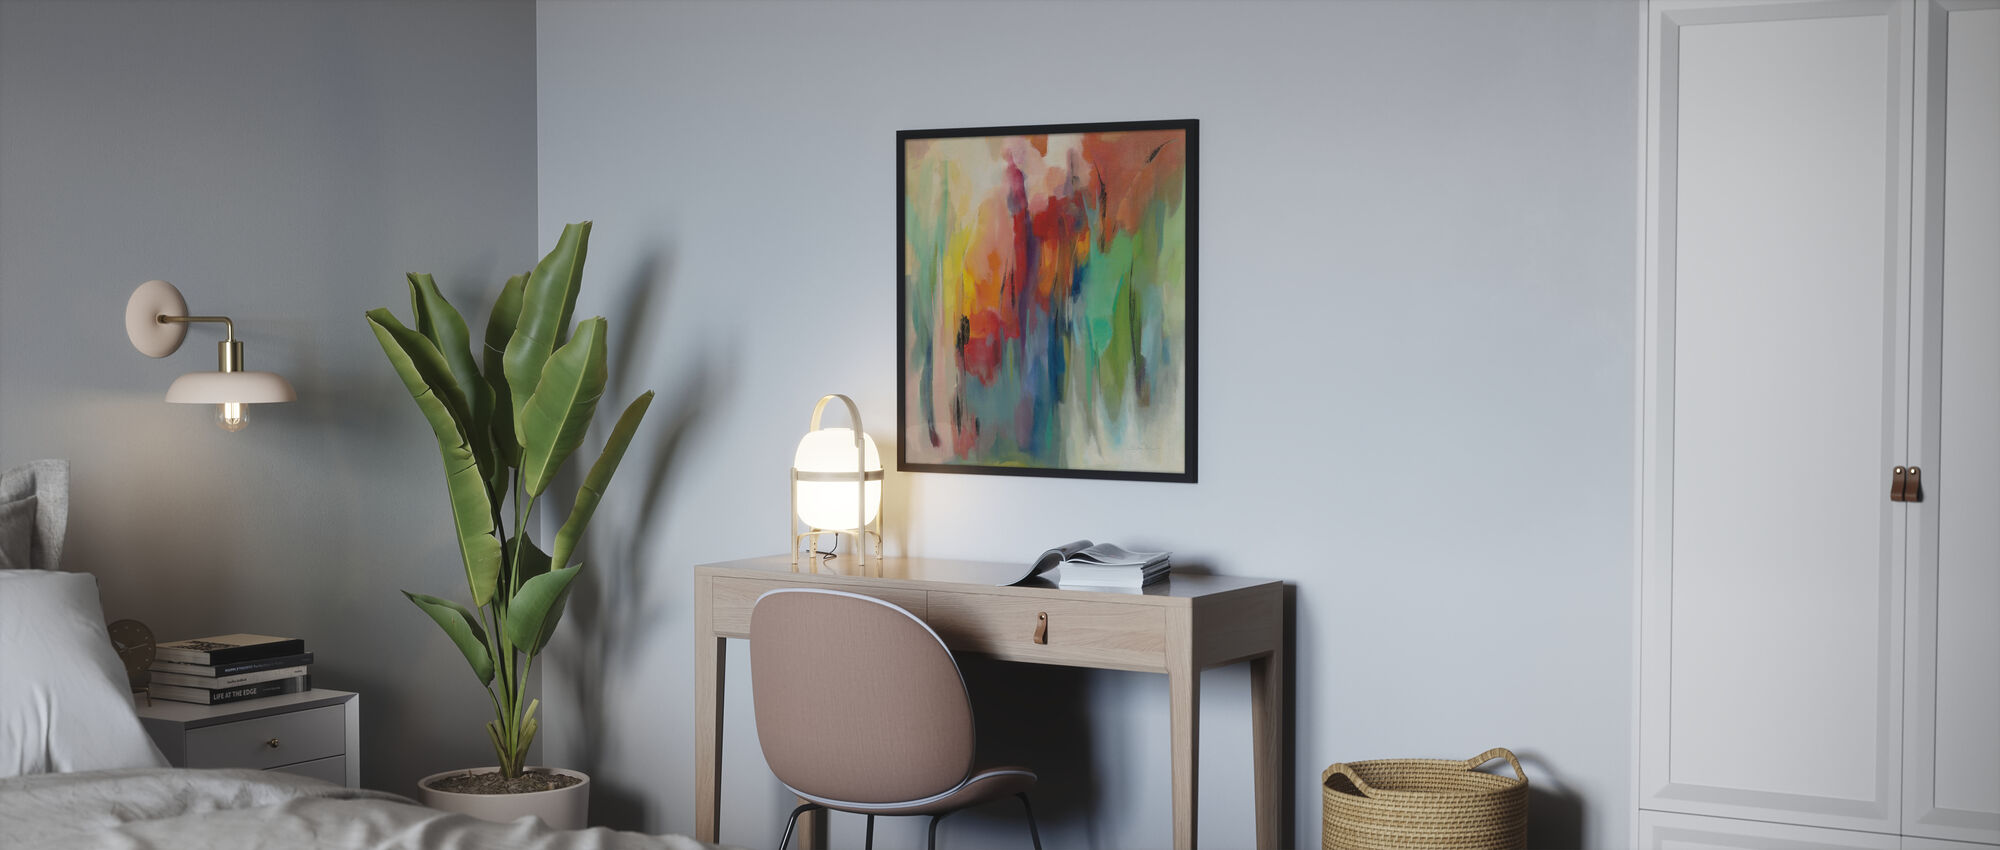 maart Rainbow - Poster - Slaapkamer